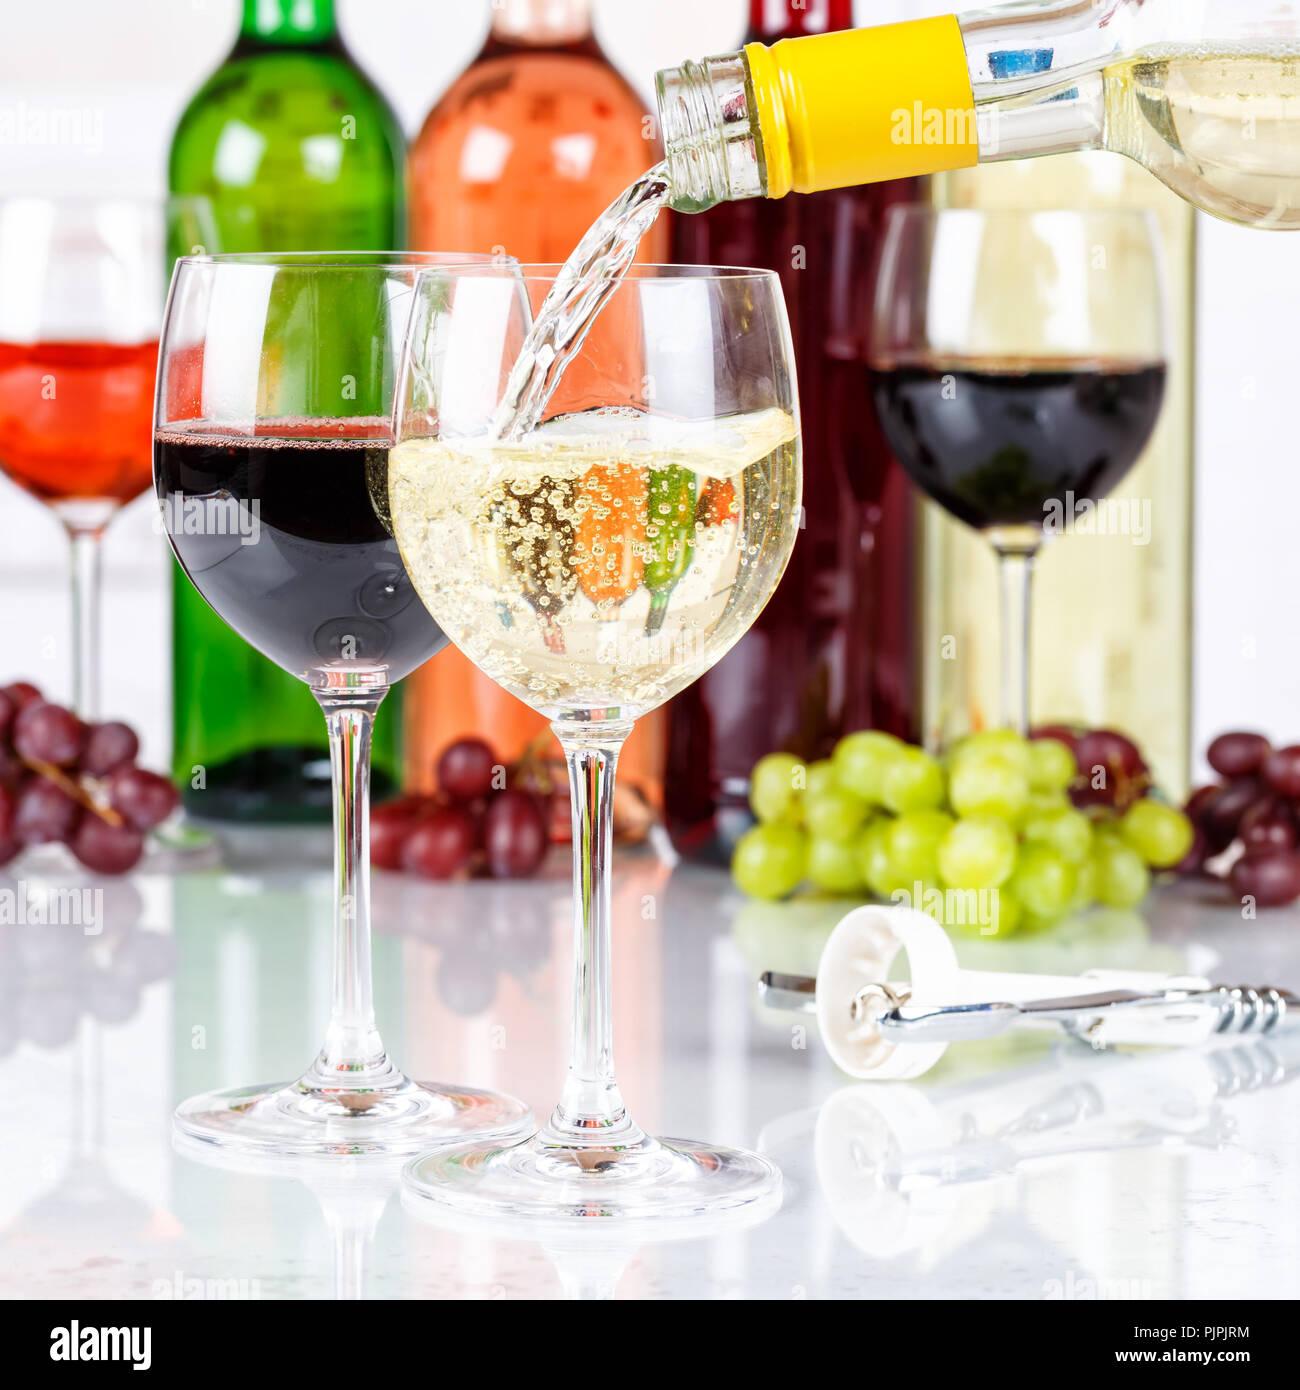 Wein gießen Glasflasche weißes Quadrat gießen Alkohol Stockbild